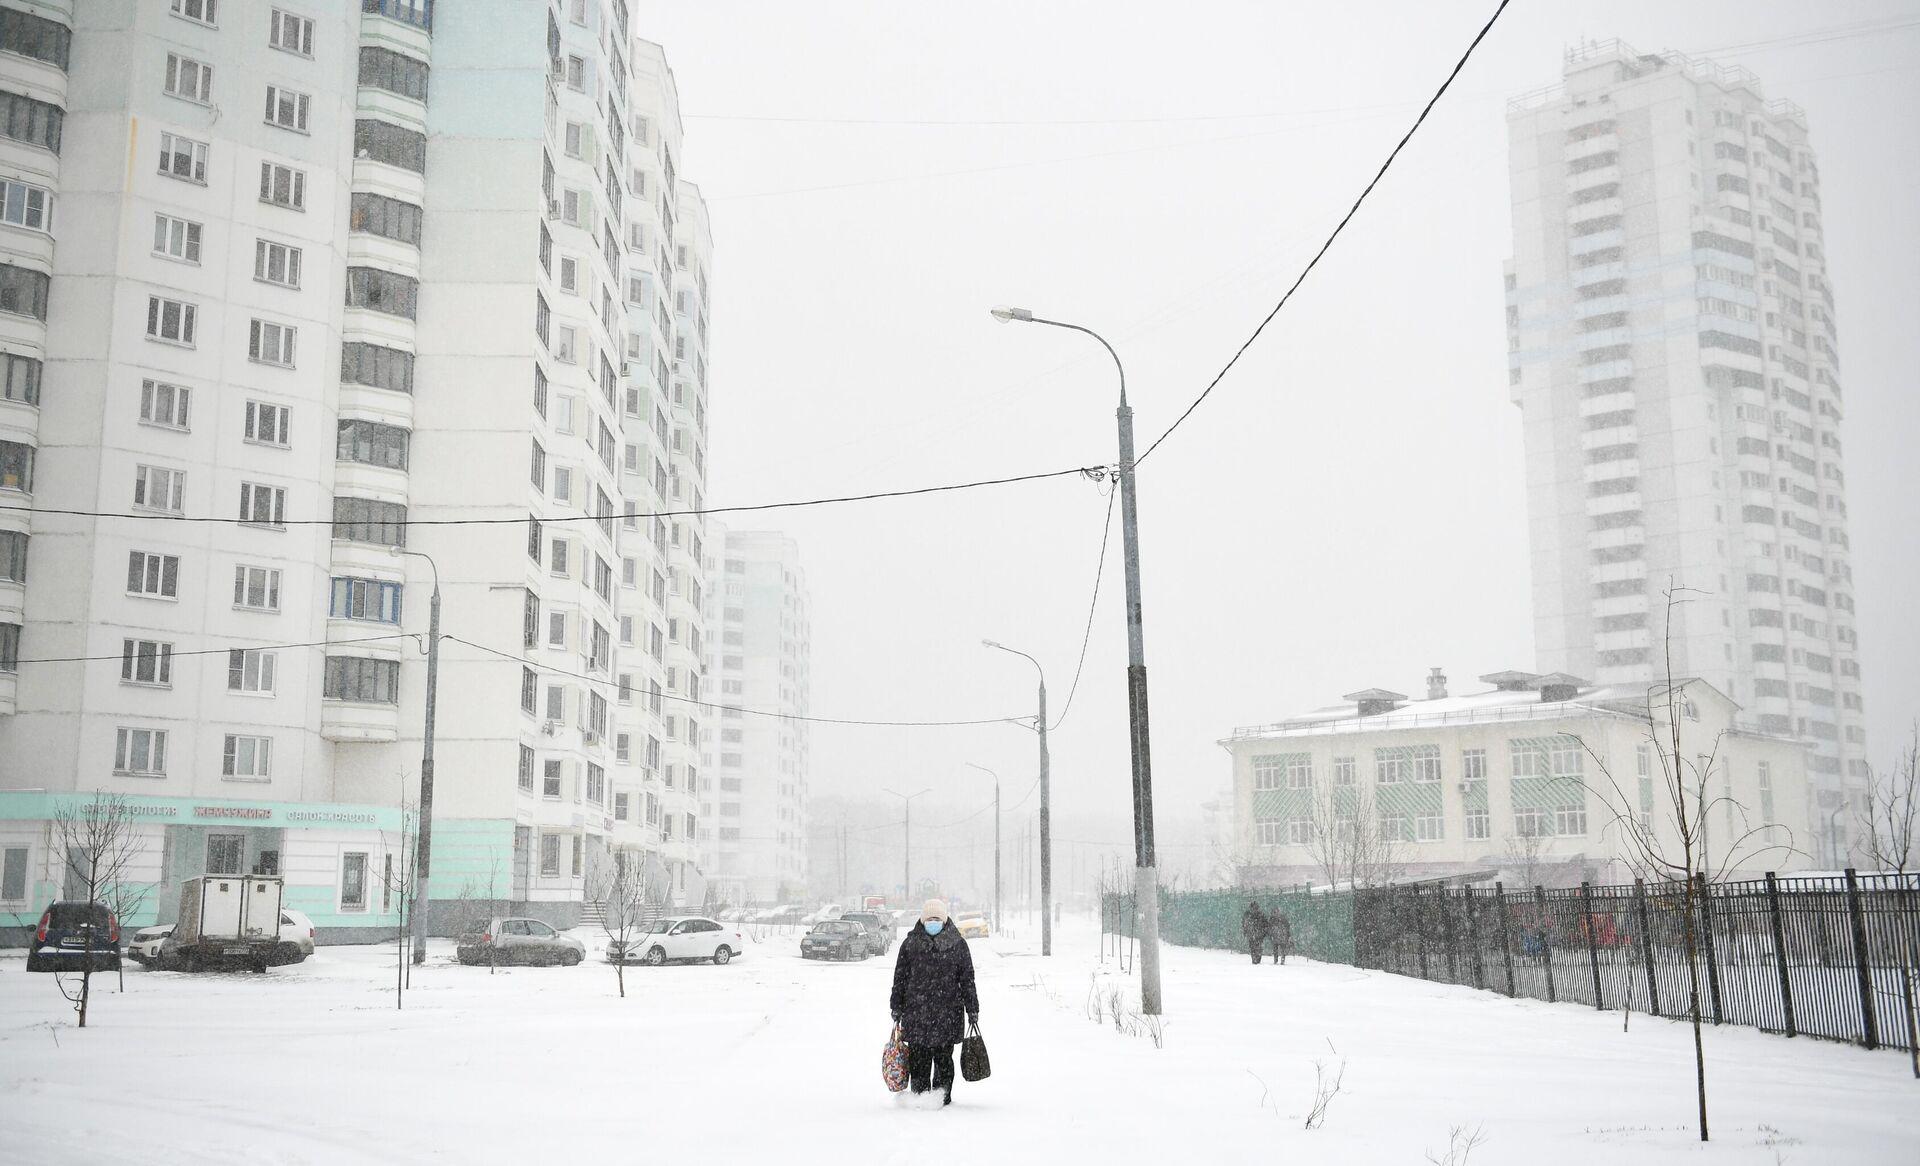 Женщина в защитной маске во дворе жилого дома во время снегопада - РИА Новости, 1920, 28.01.2021